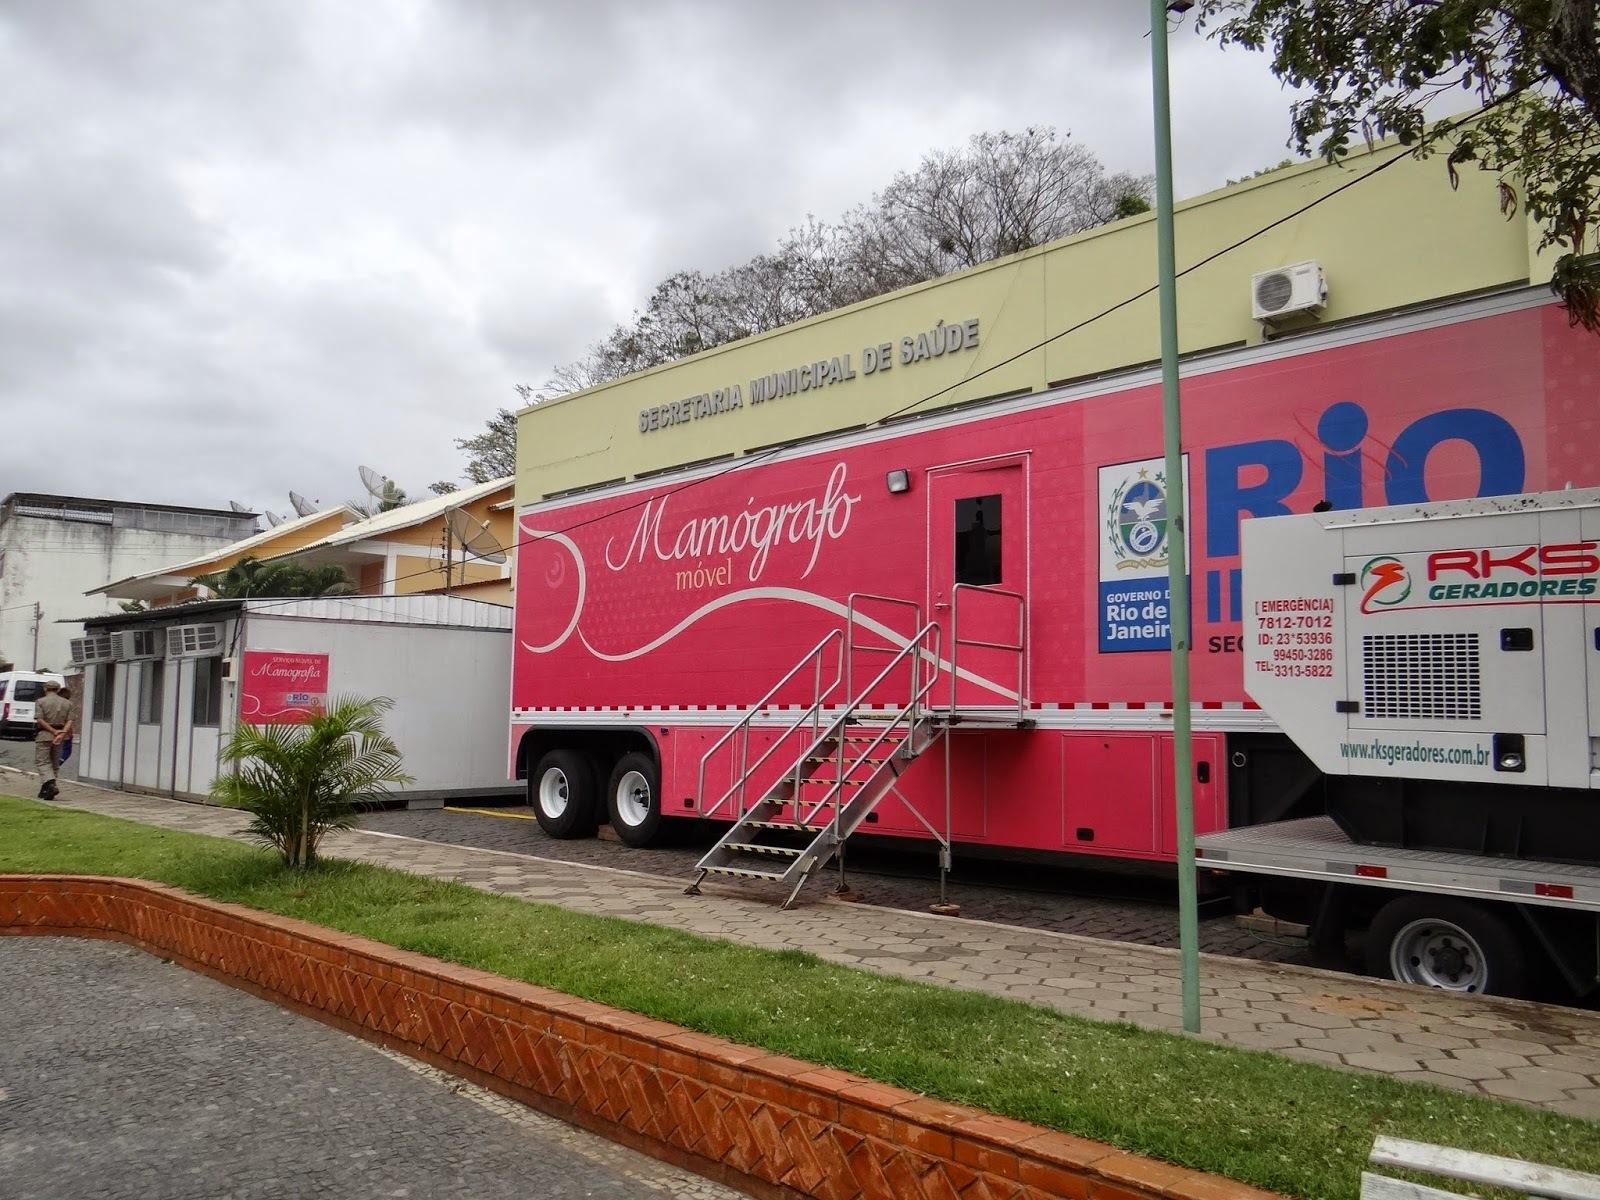 Secretaria de Saúde inaugura mamógrafo móvel em Bom Jesus